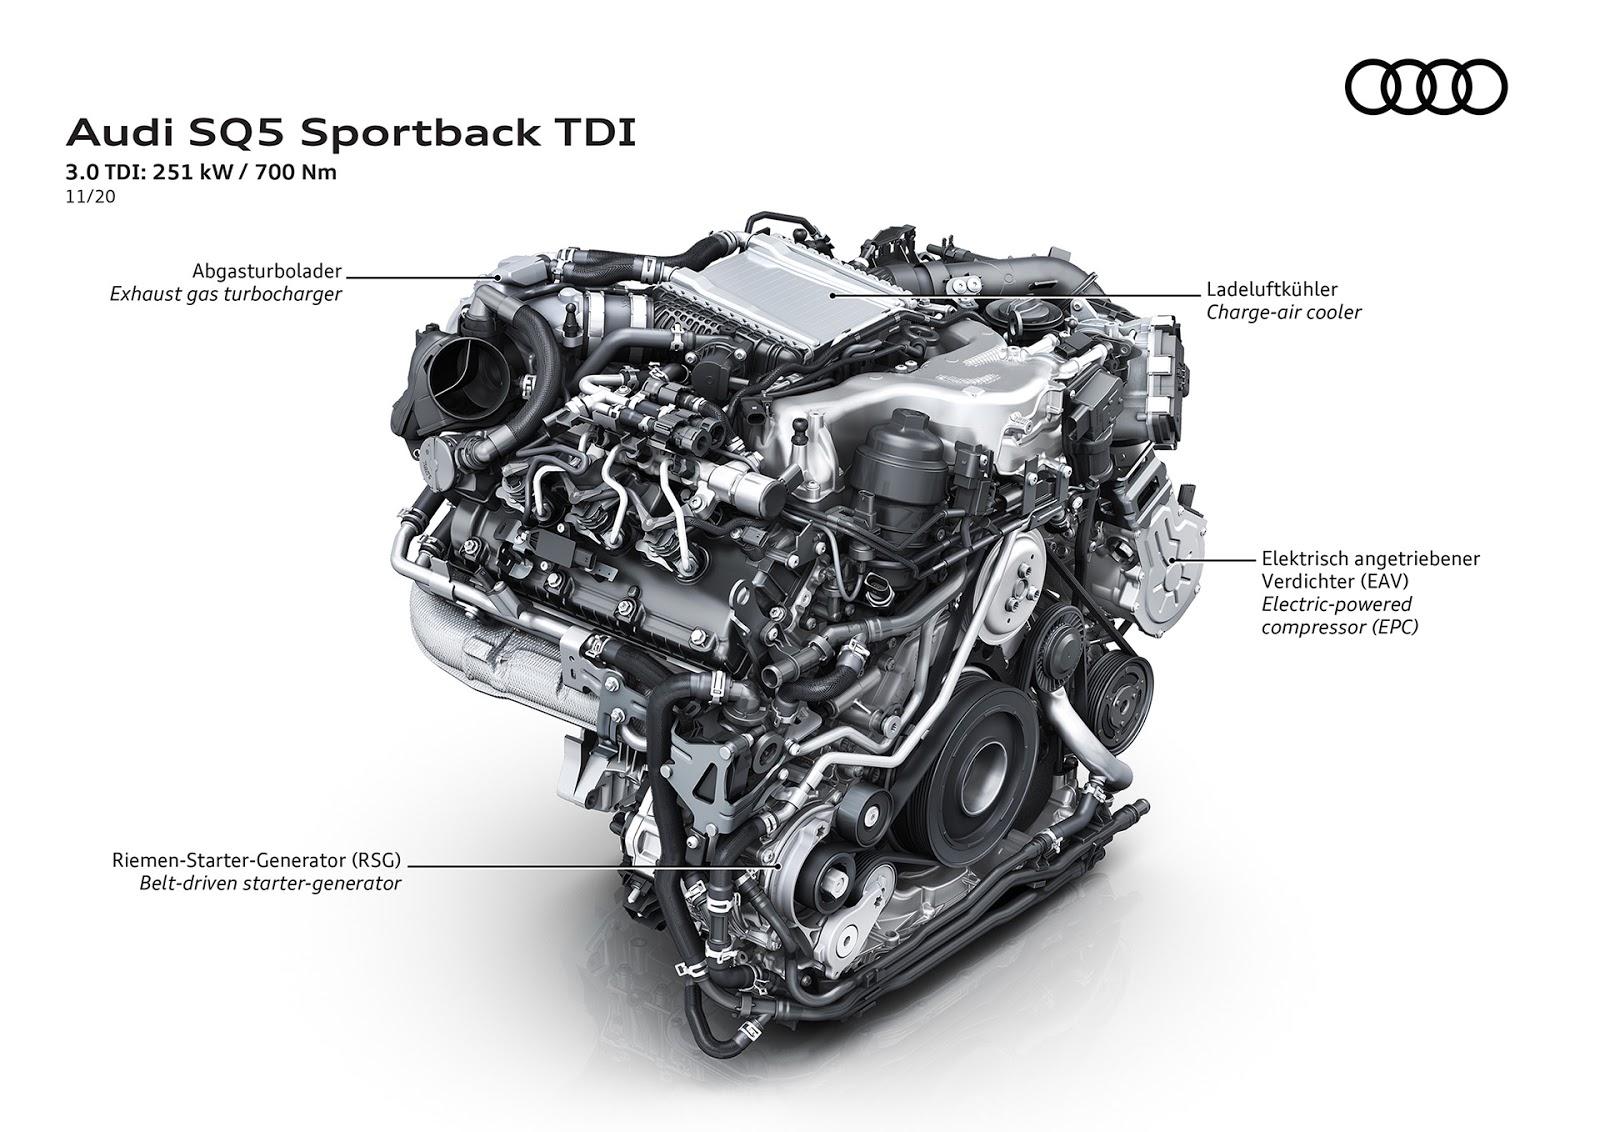 AUDI2BSQ52BSPORTBACK2BTDI 8 Audi SQ5 Sportback TDI: η σπορ έκδοση στην κορυφή της γκάμας του μοντέλου Audi, Audi SQ5, SQ5, ειδήσεις, καινούργιο, καινούρια, καινούριο